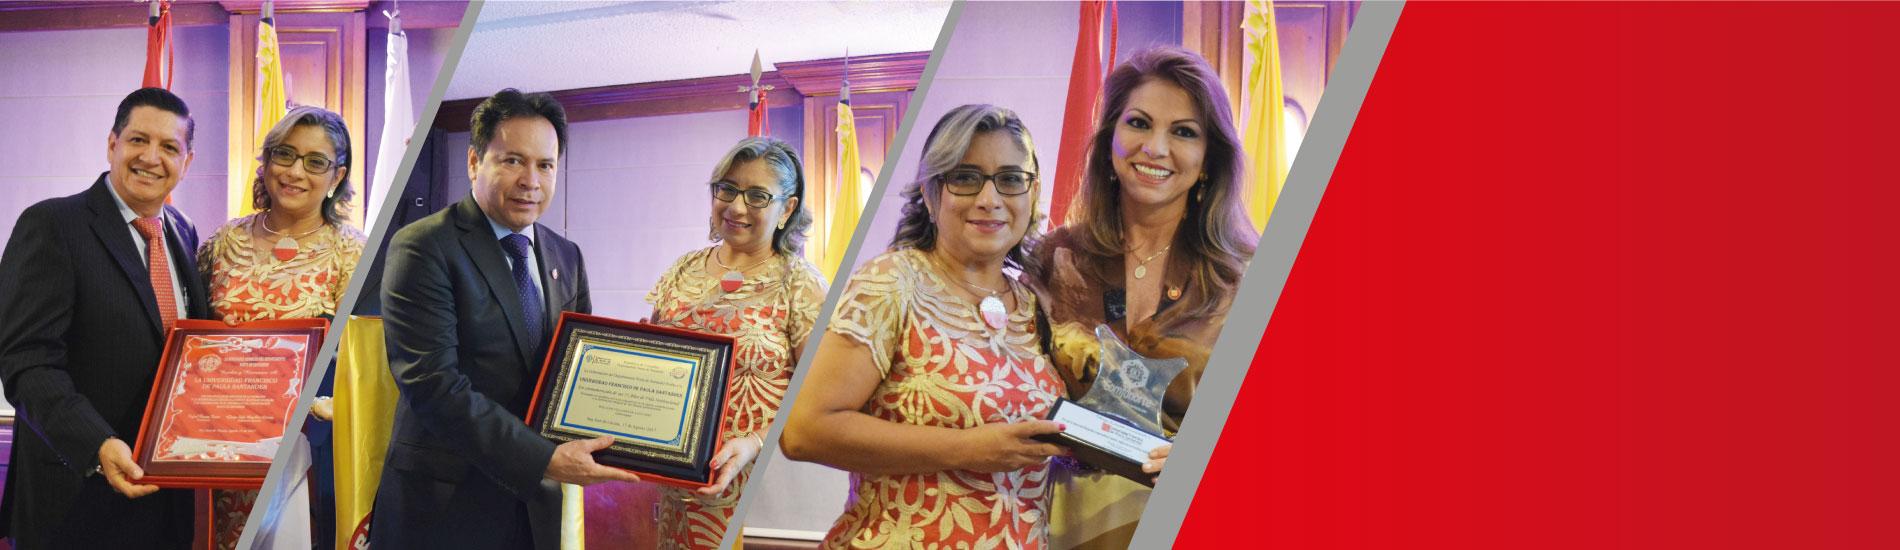 Cena de Gala y Reconocimientos en honor a los 55 años de la Universidad Francisco de Paula Santander